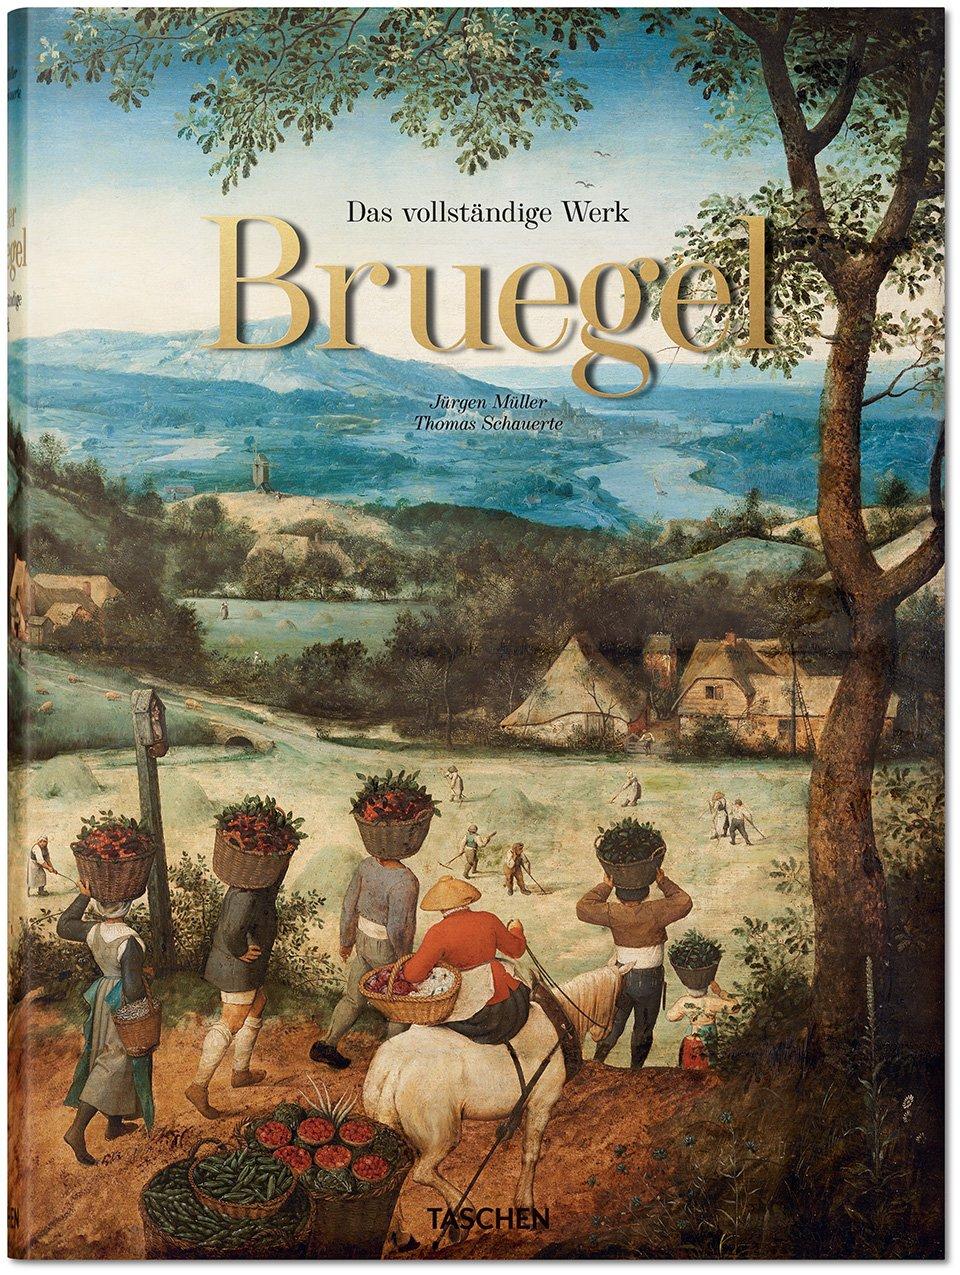 Pieter Bruegel. Das vollständige Werk | Jürgen Müller, Thomas Schauerte